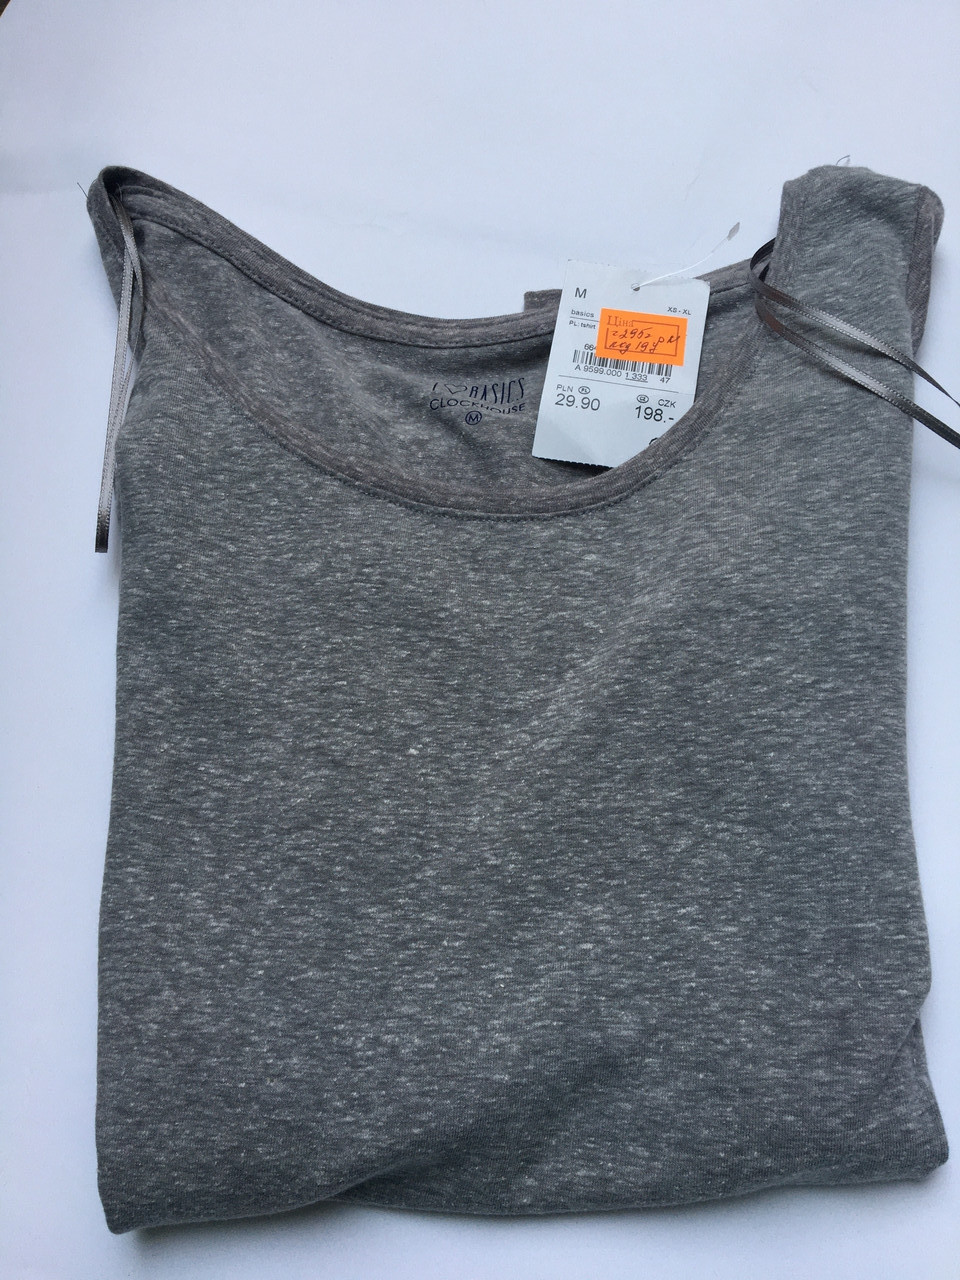 Женская футболка длинный рукав приятная к телу коттон серая c&a